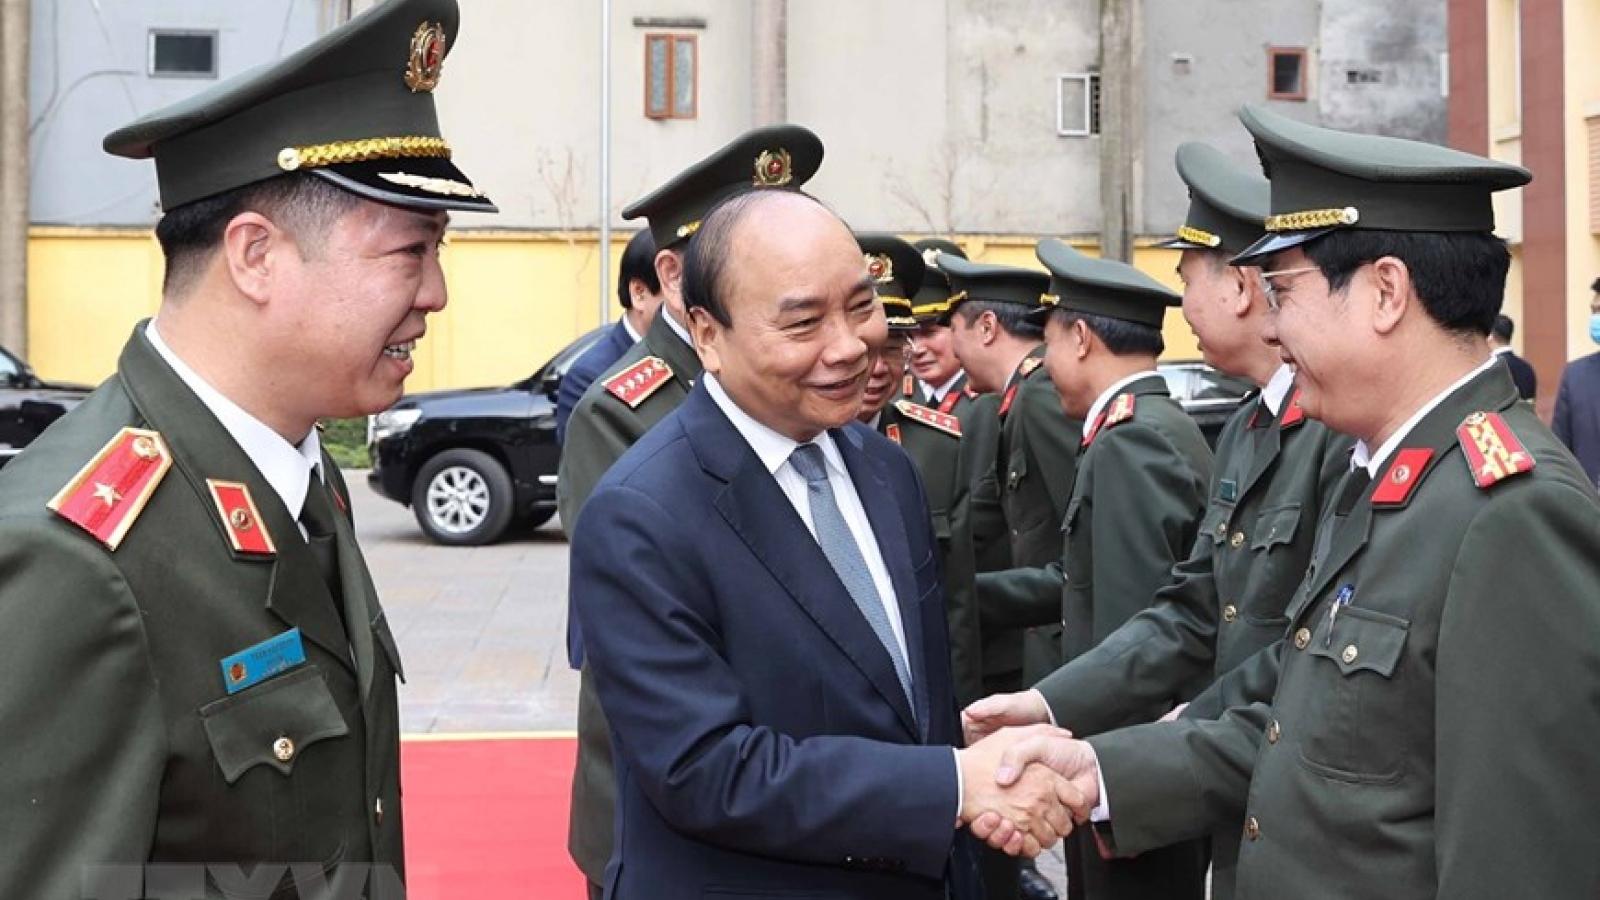 Thủ tướng kiểm tra sẵn sàng chiến đấu, chúc Tết một số đơn vị lực lượng CAND